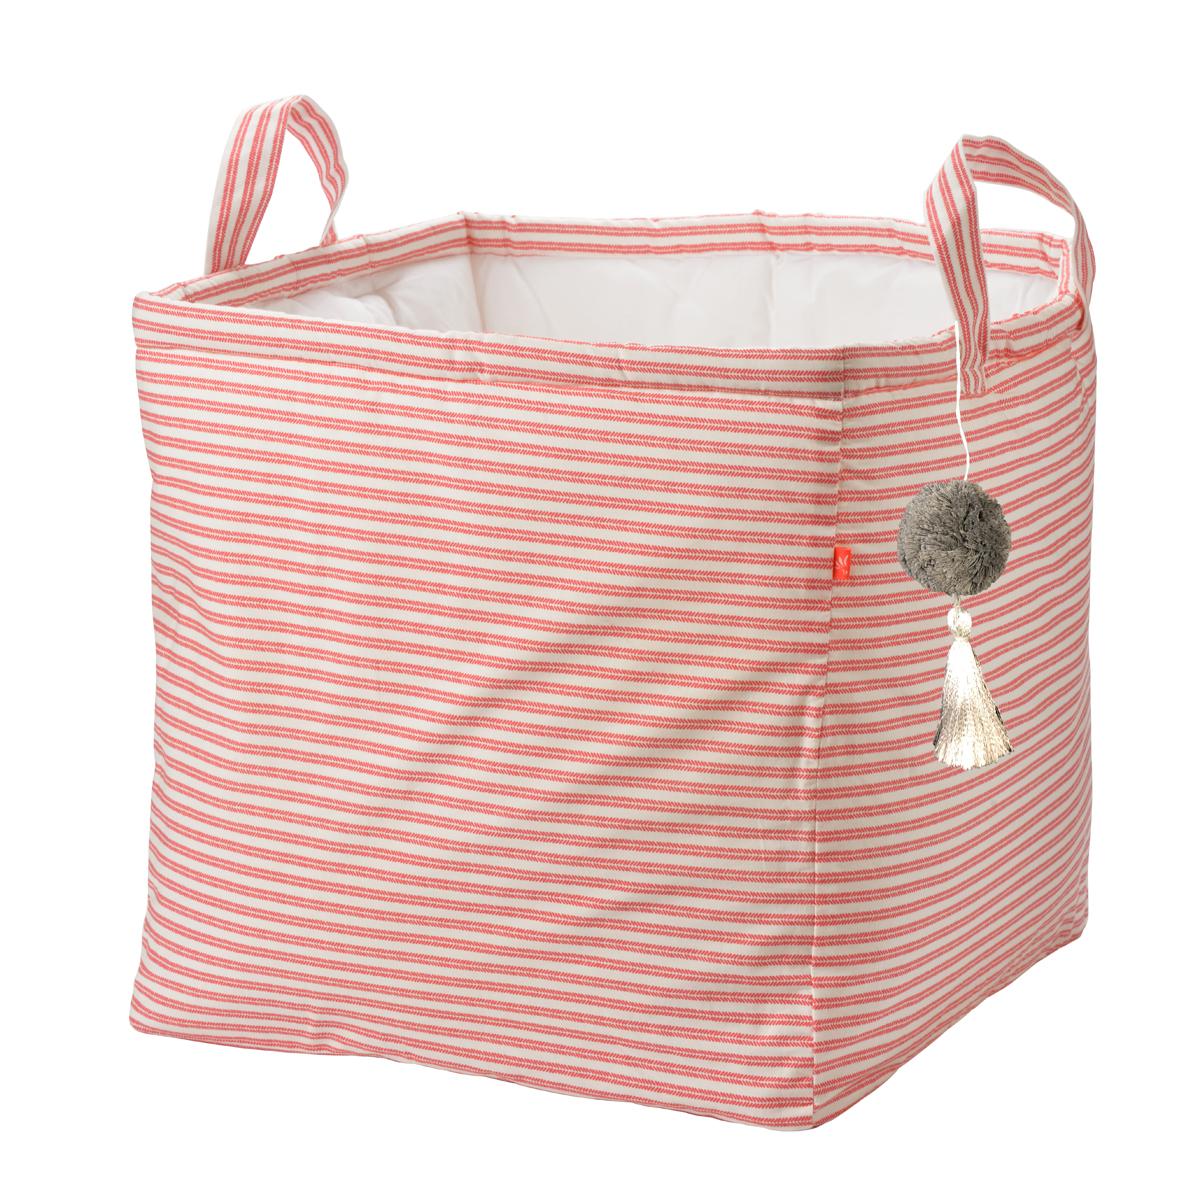 【35%OFF】コットンランドリーバッグ ピンクフラミンゴ